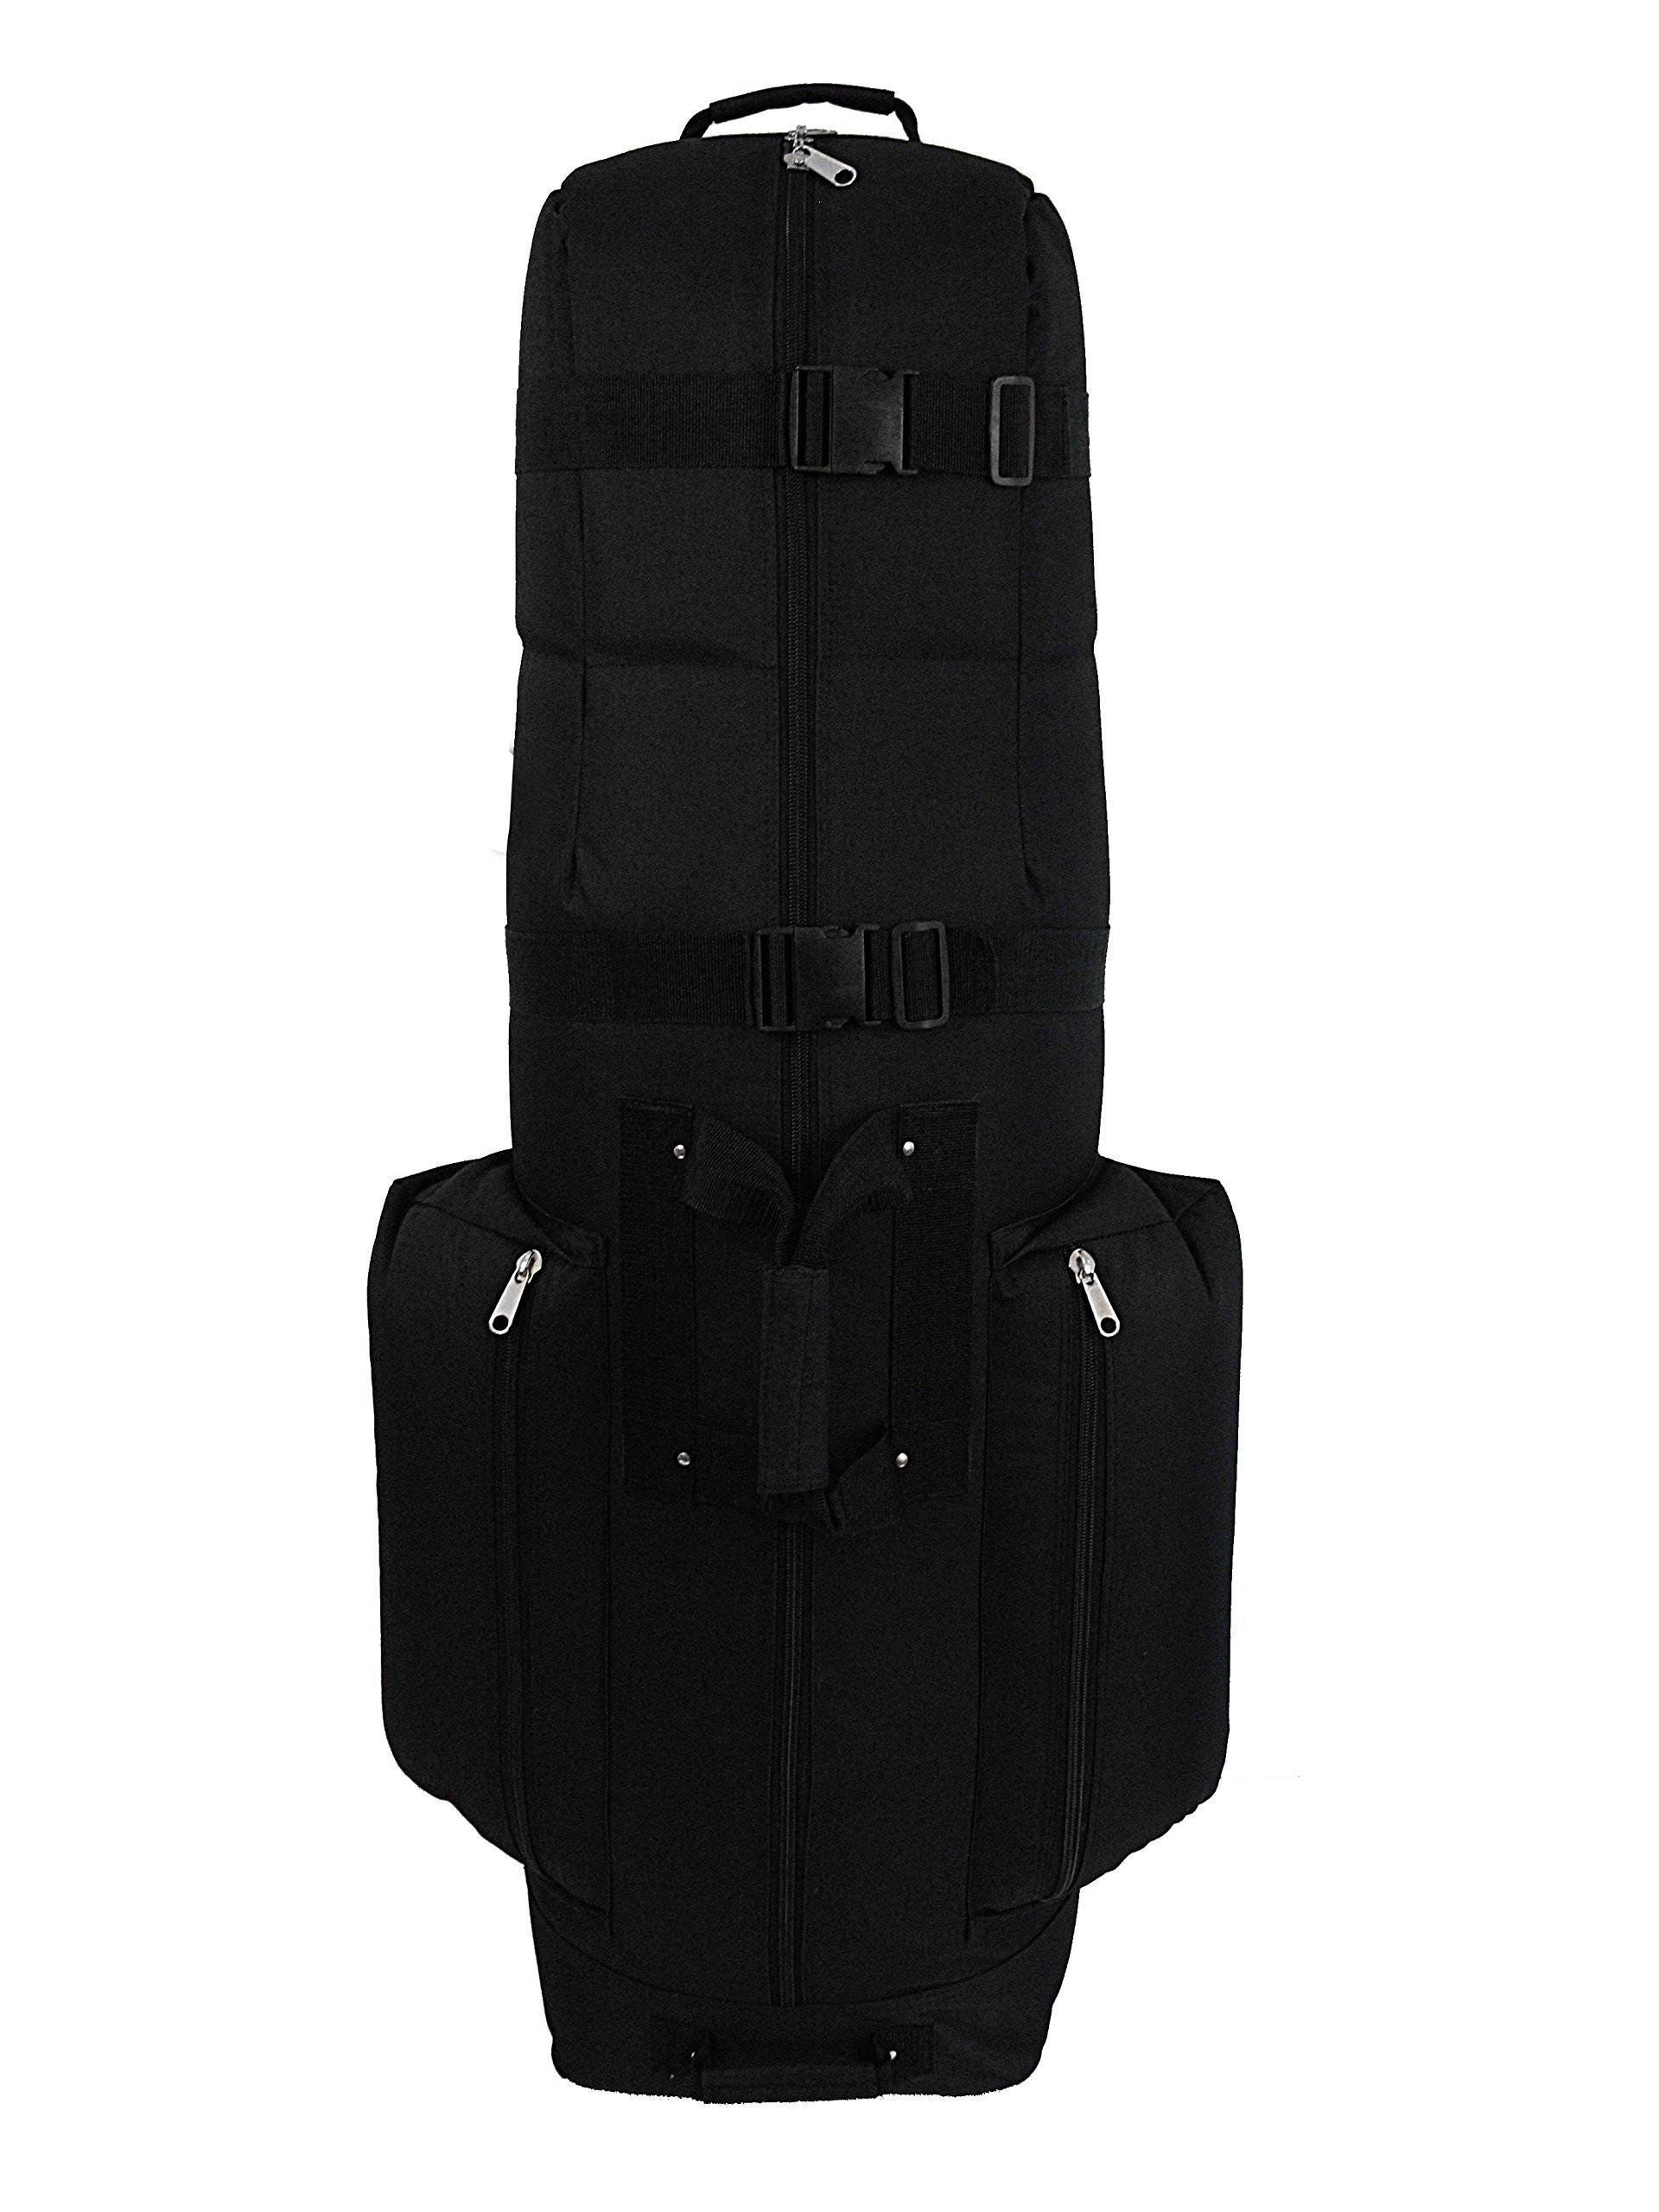 CaddyDaddy CDX-10 Golf Travel Bag Cover by CaddyDaddy